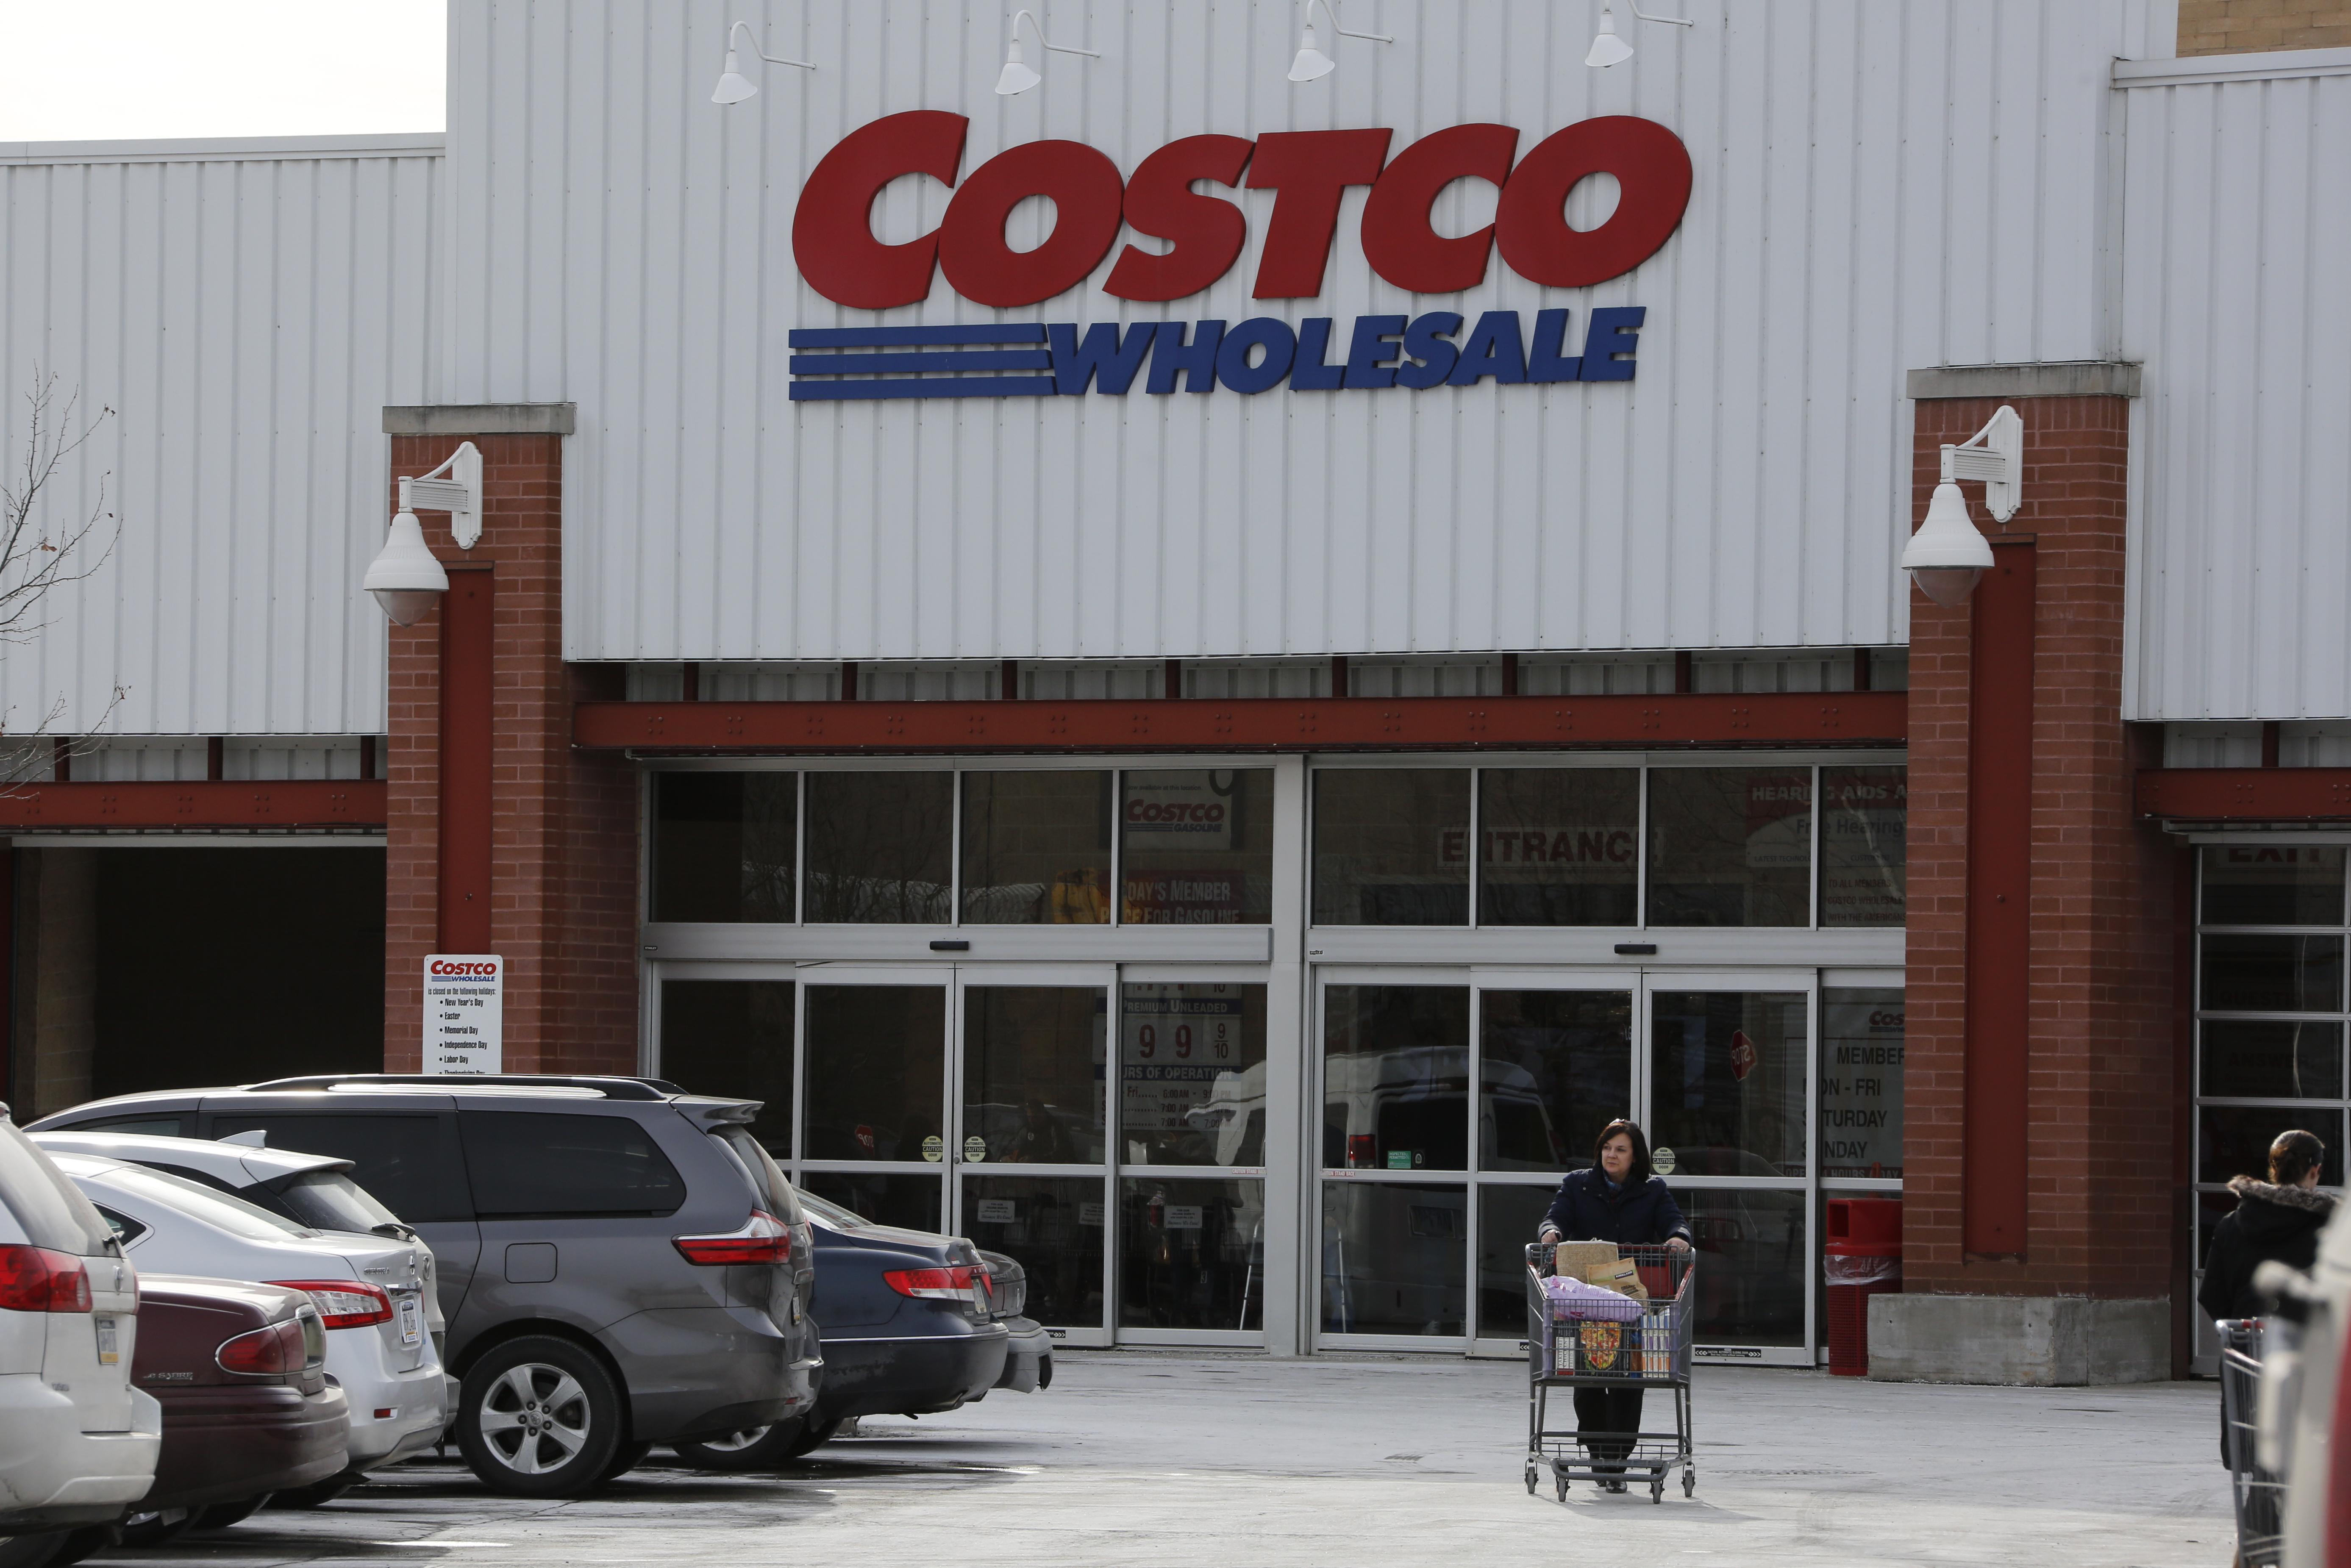 31 2018 File Photo Shows A Costco In Homestead